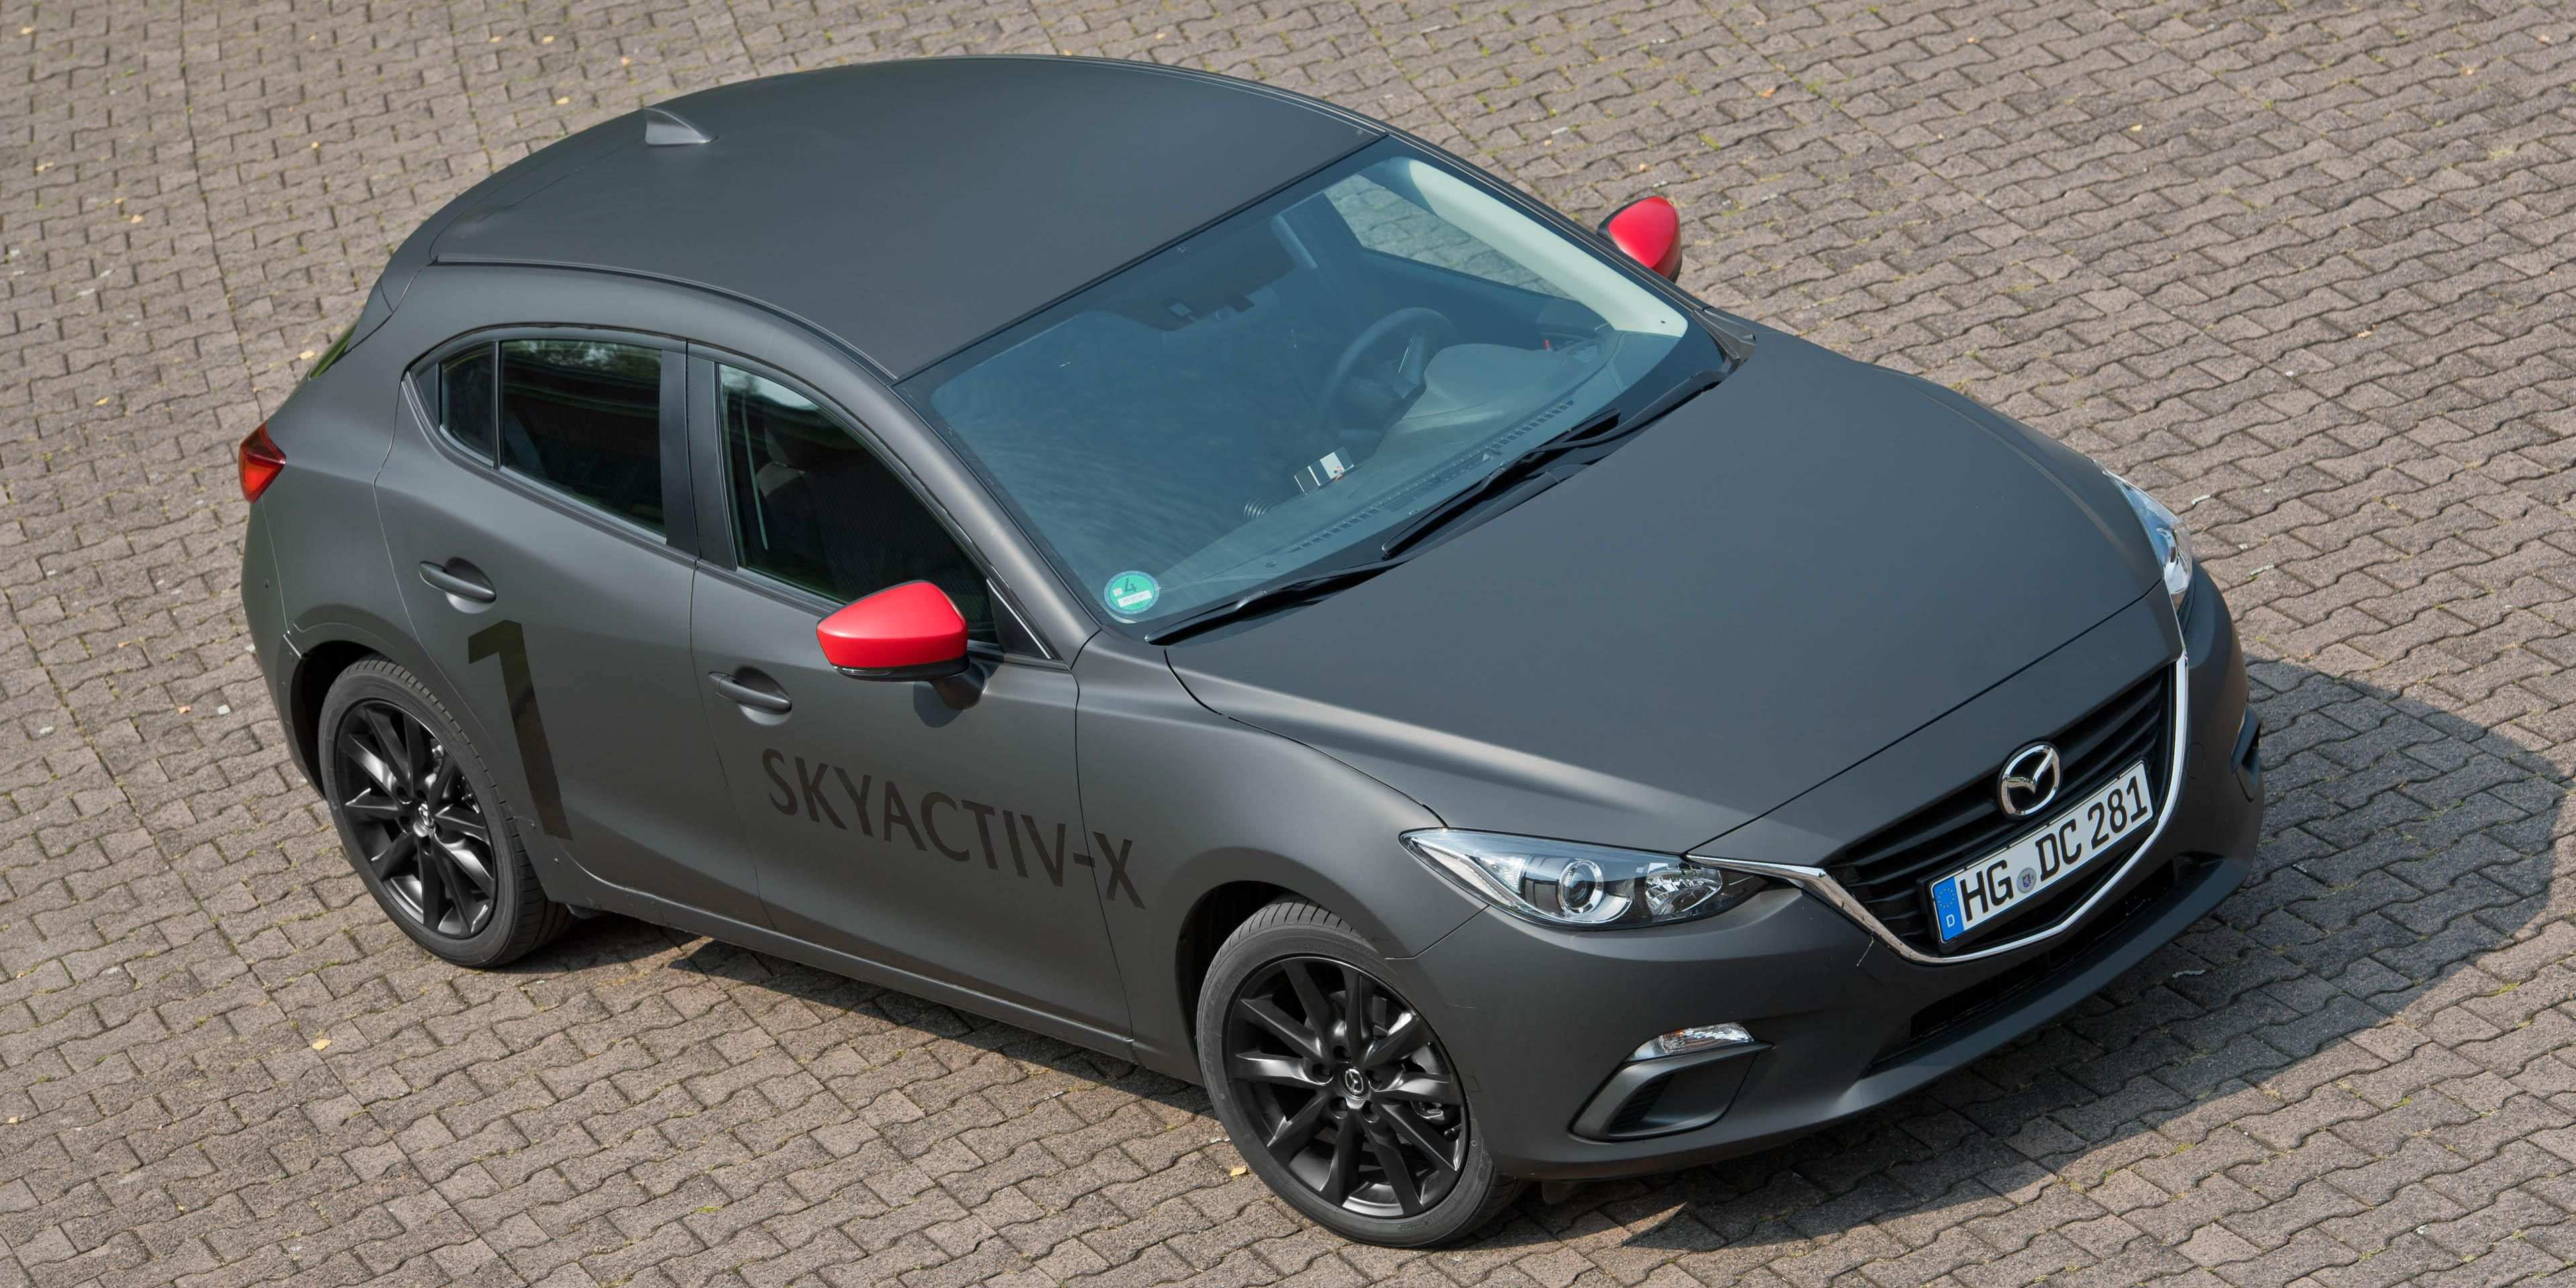 46 New Mazda Demio 2020 Specs with Mazda Demio 2020